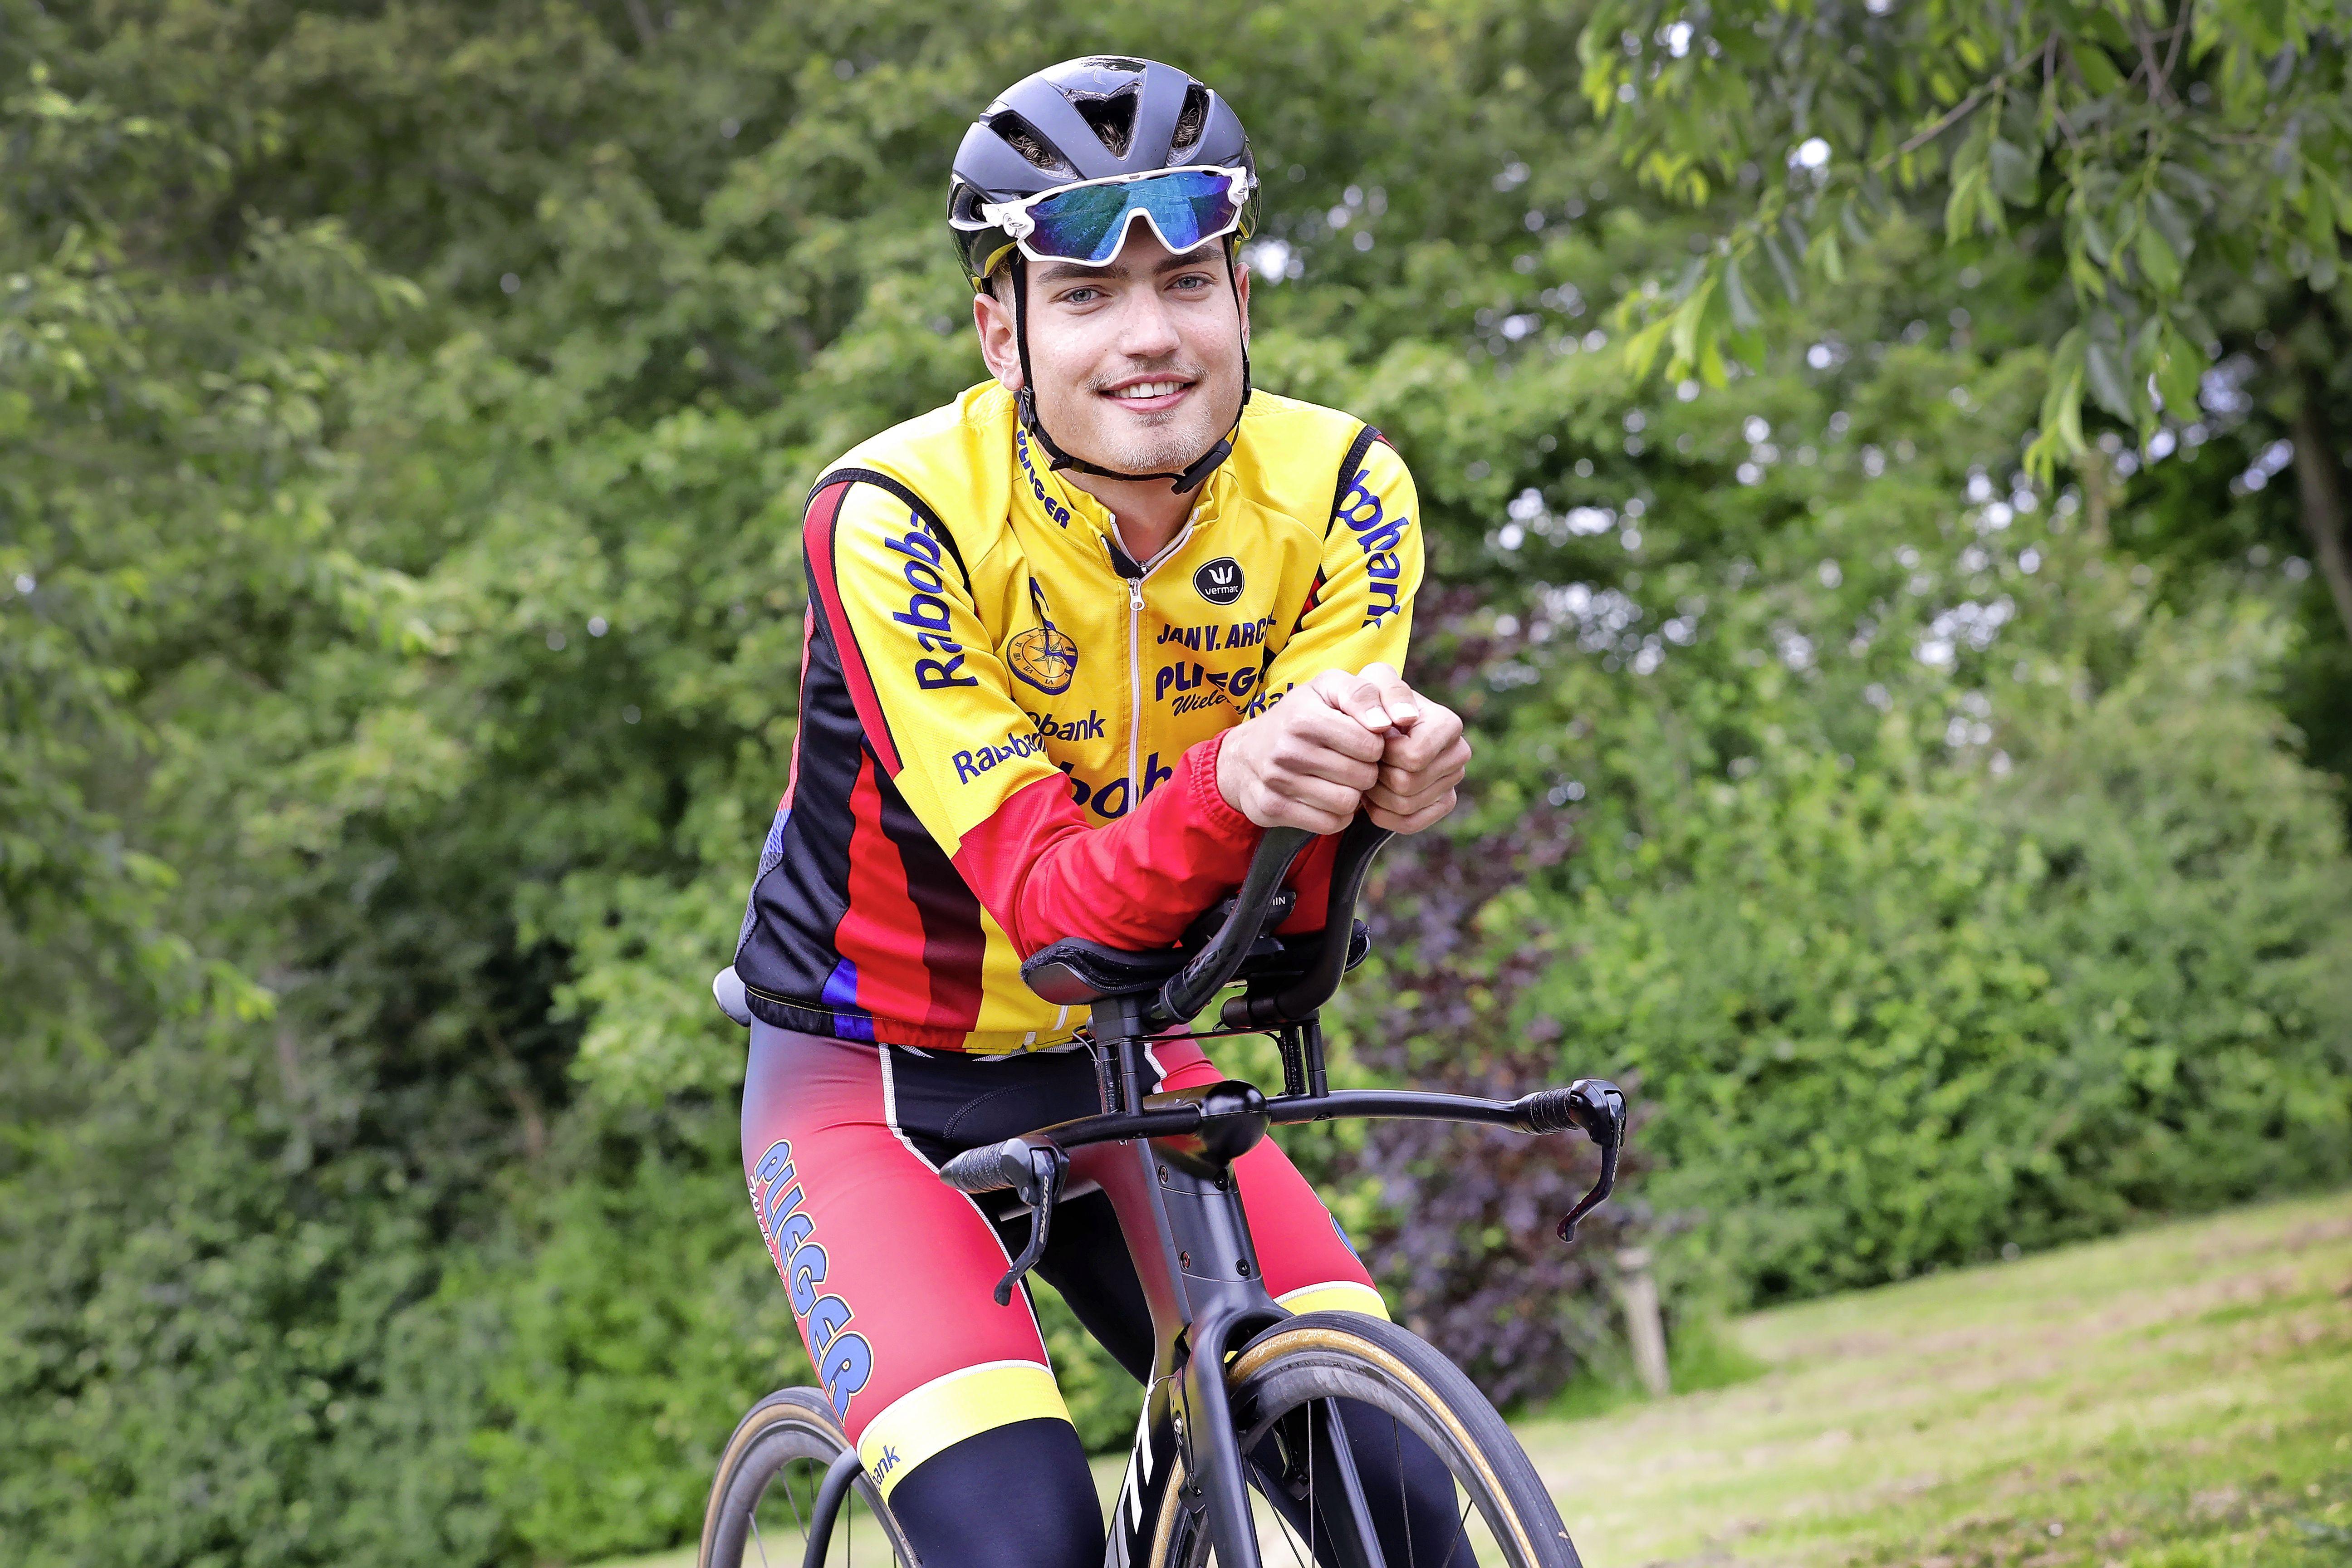 Yanne Dorenbos was bijna gestopt met wielrennen. Maar de Castricummer zette de pijn om in plezier en fietst weer bij het NK tijdrijden